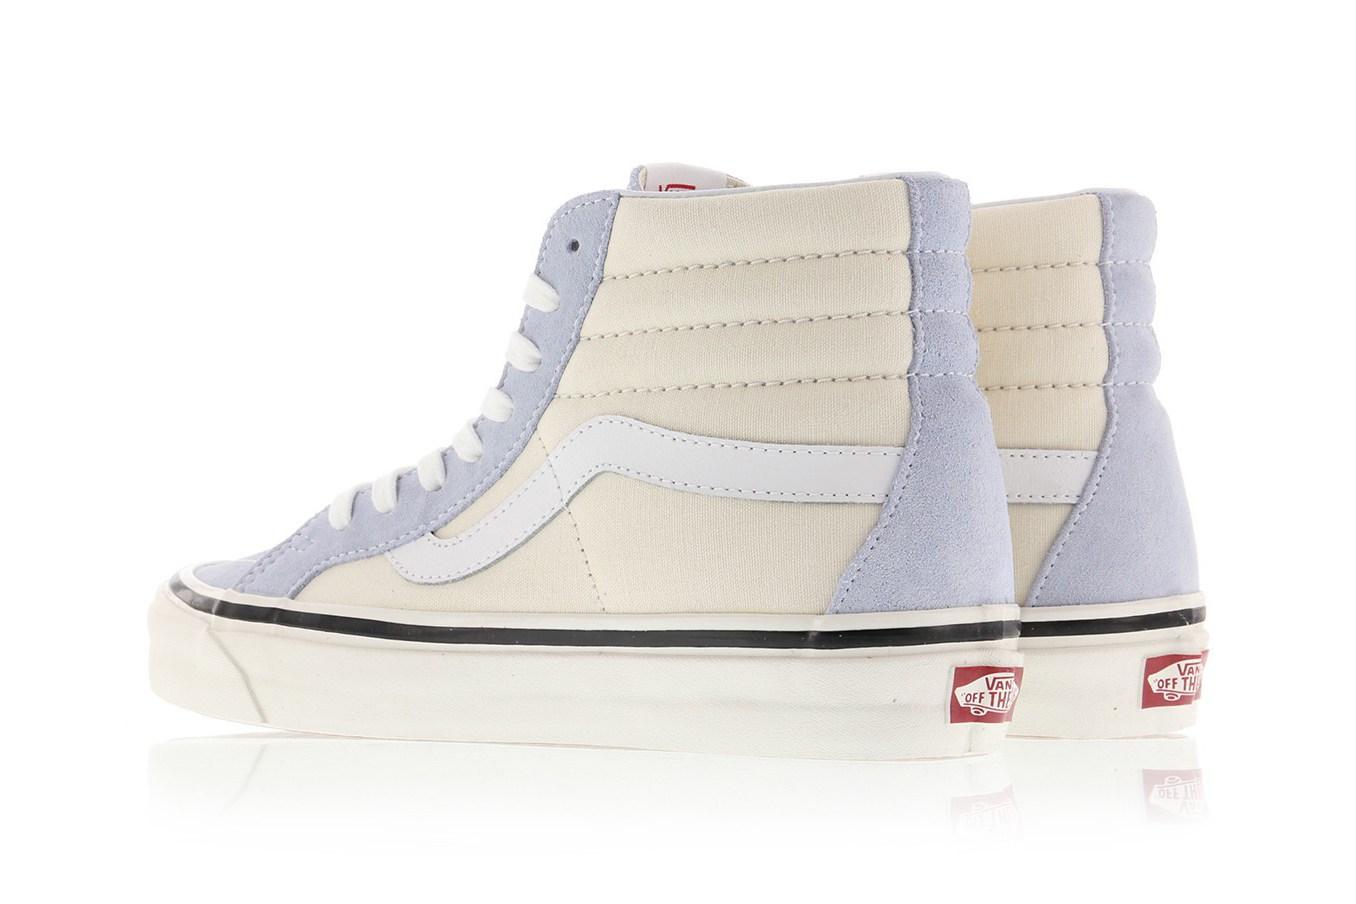 vans-sk8-hi-dx-light-blue-white-1